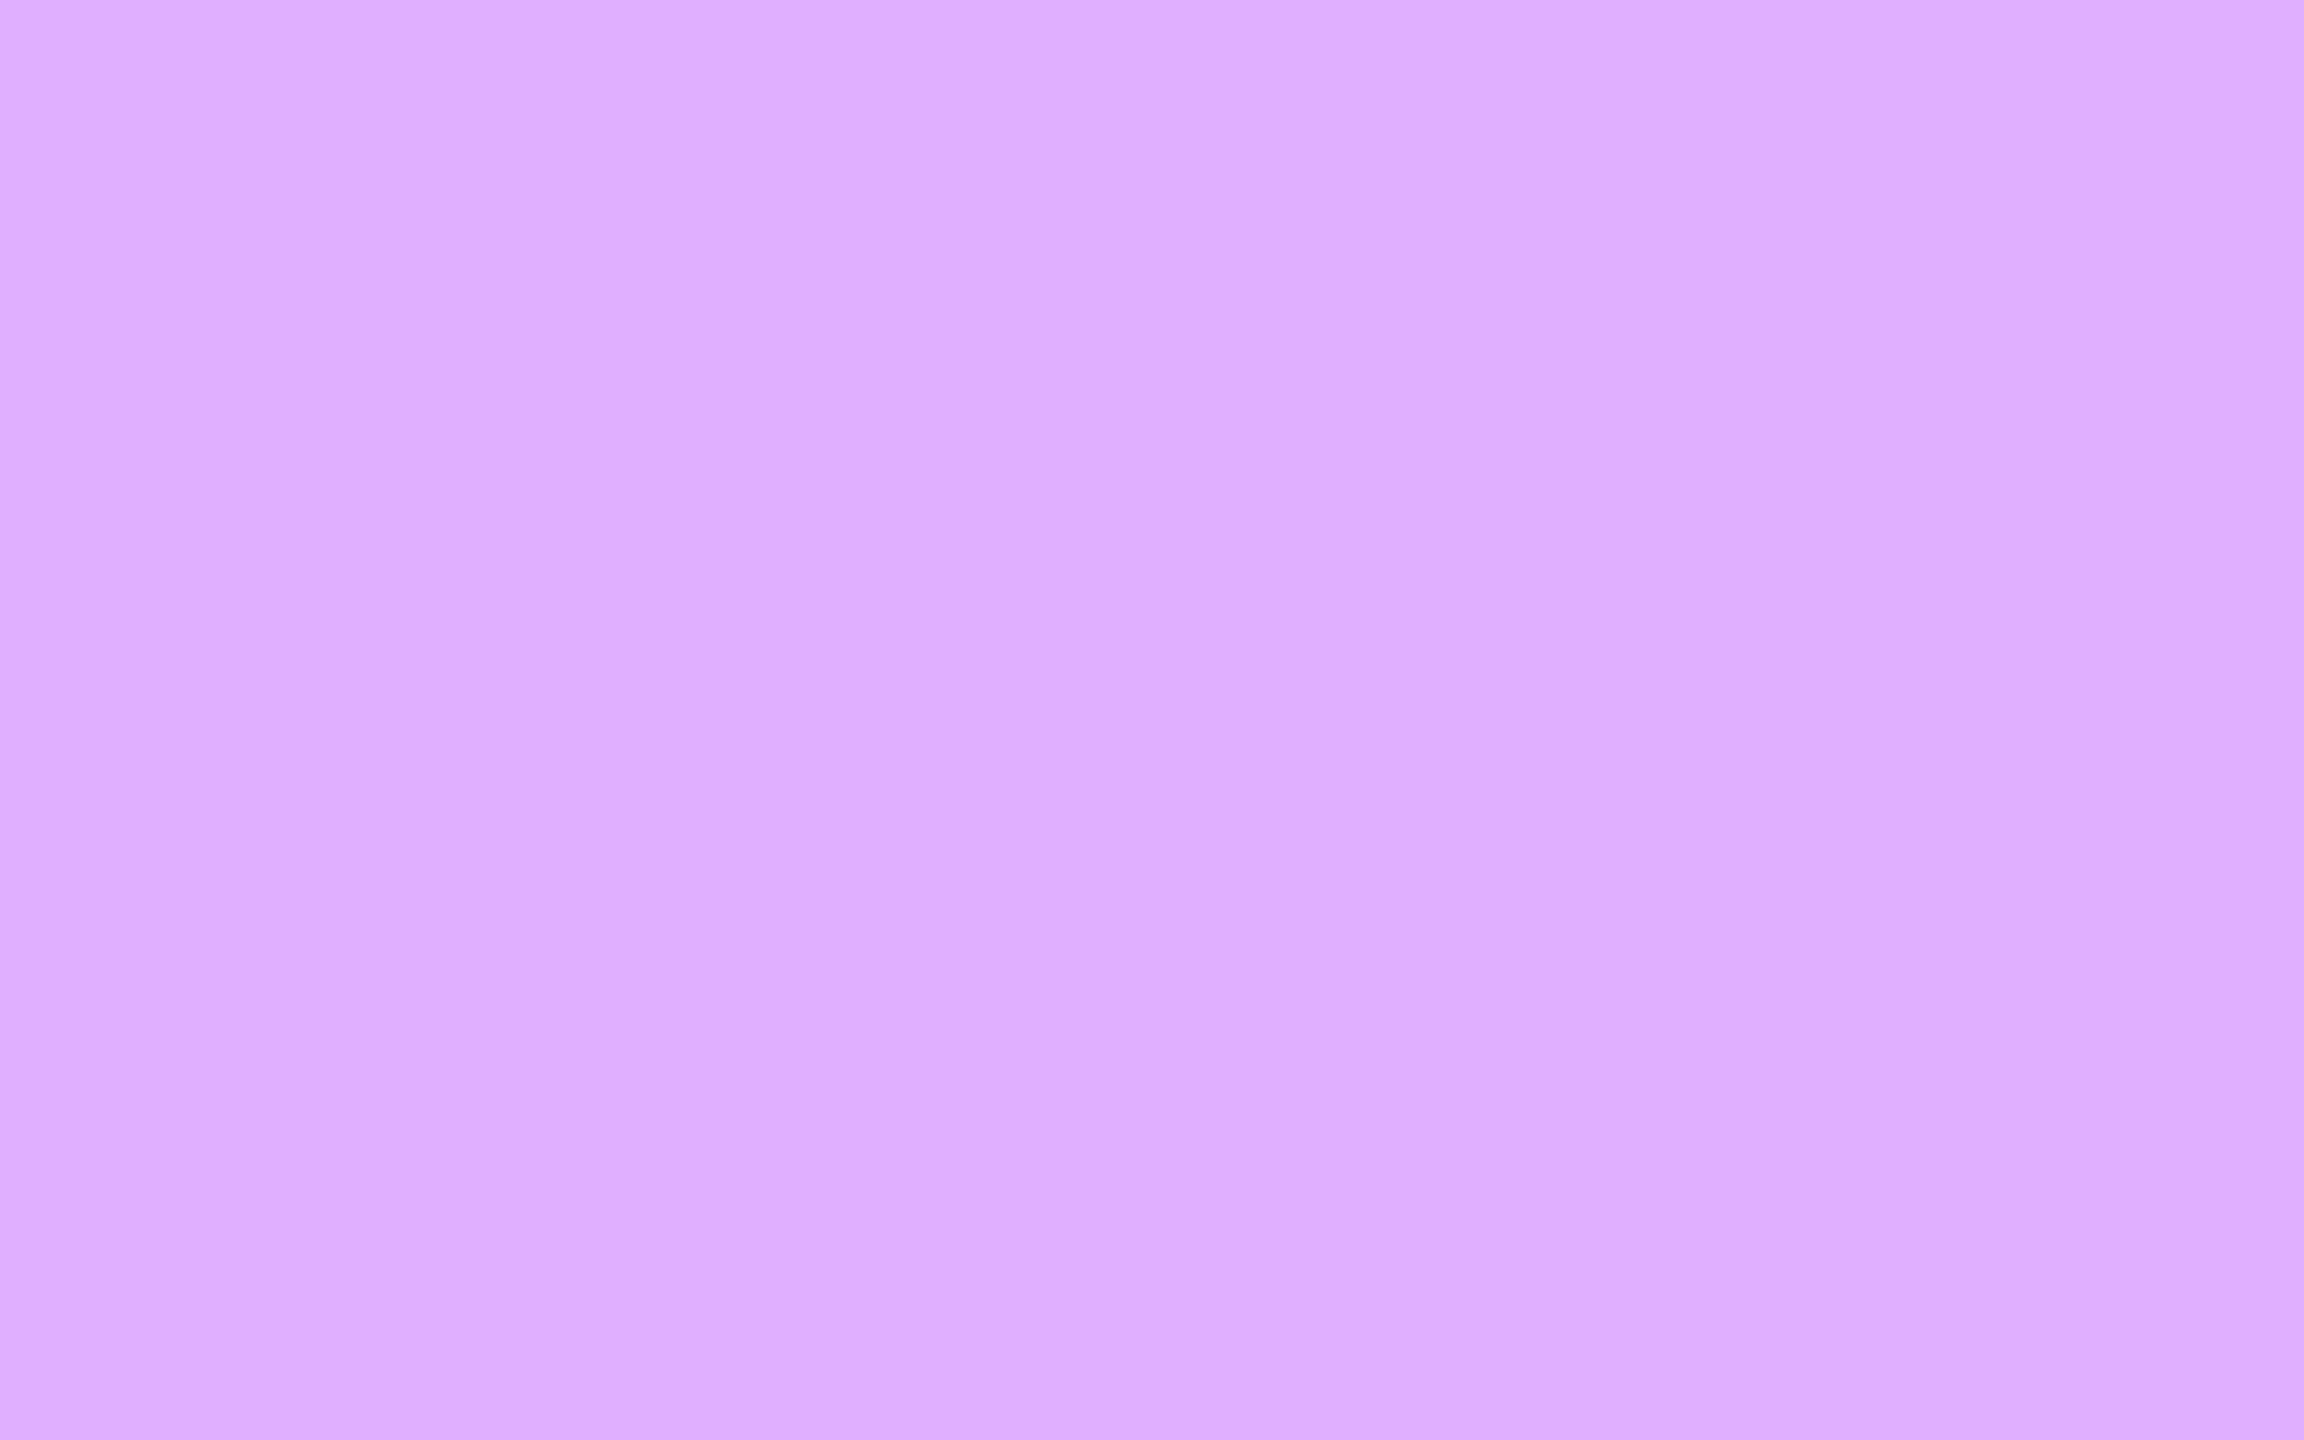 2304x1440 Mauve Solid Color Background